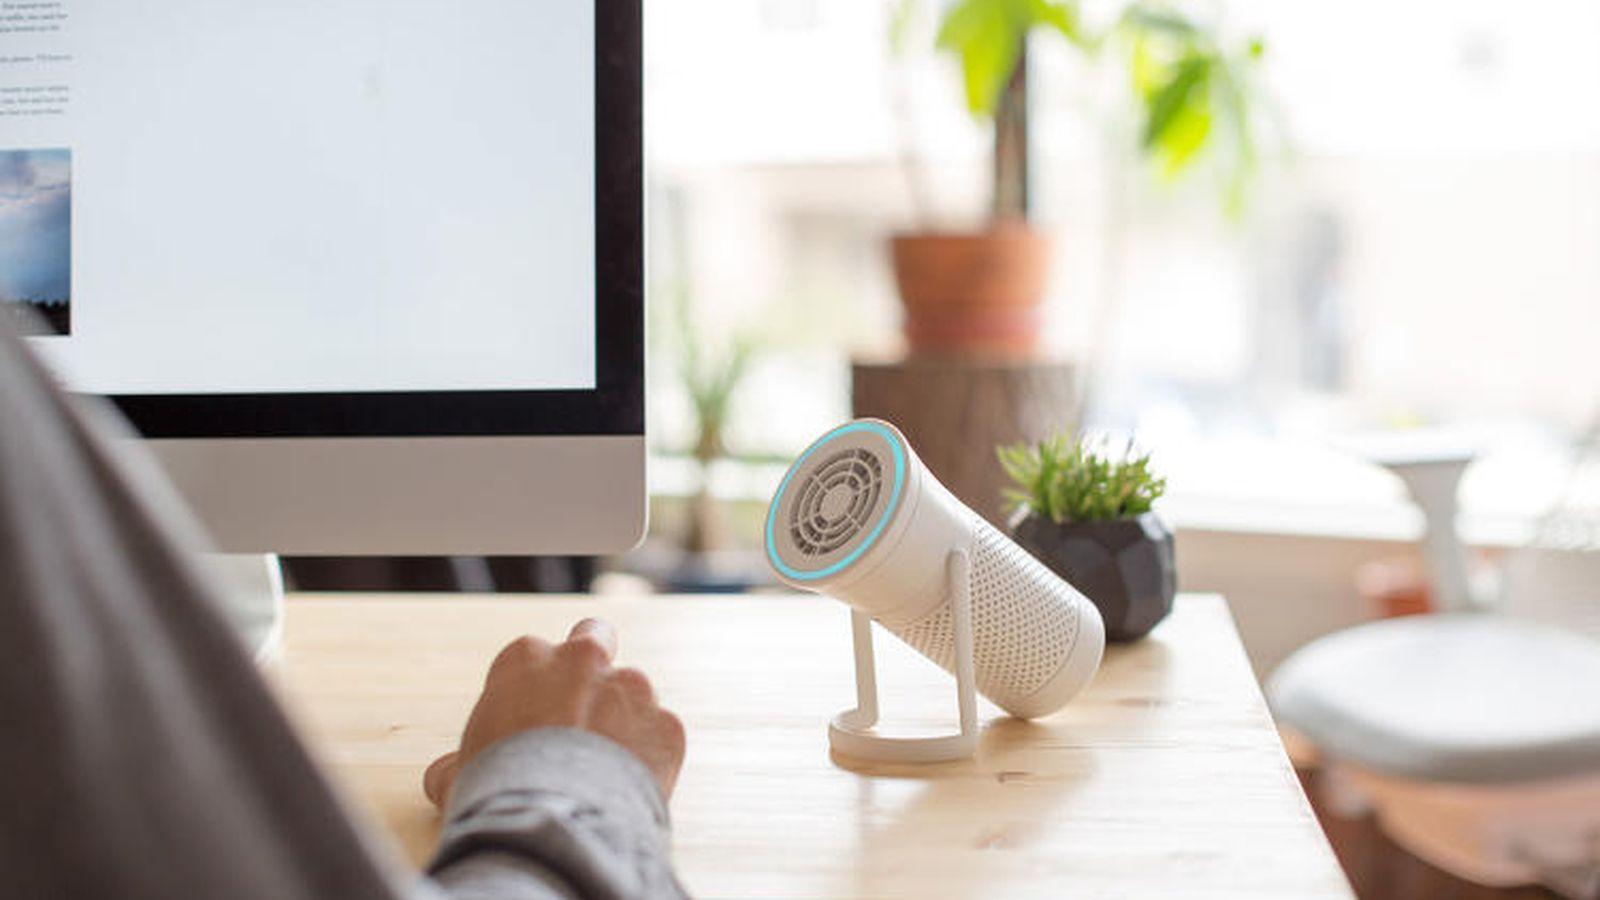 24. Персональный очиститель воздуха Wynd — портативный фильтр, который поглощает все загрязнения воз